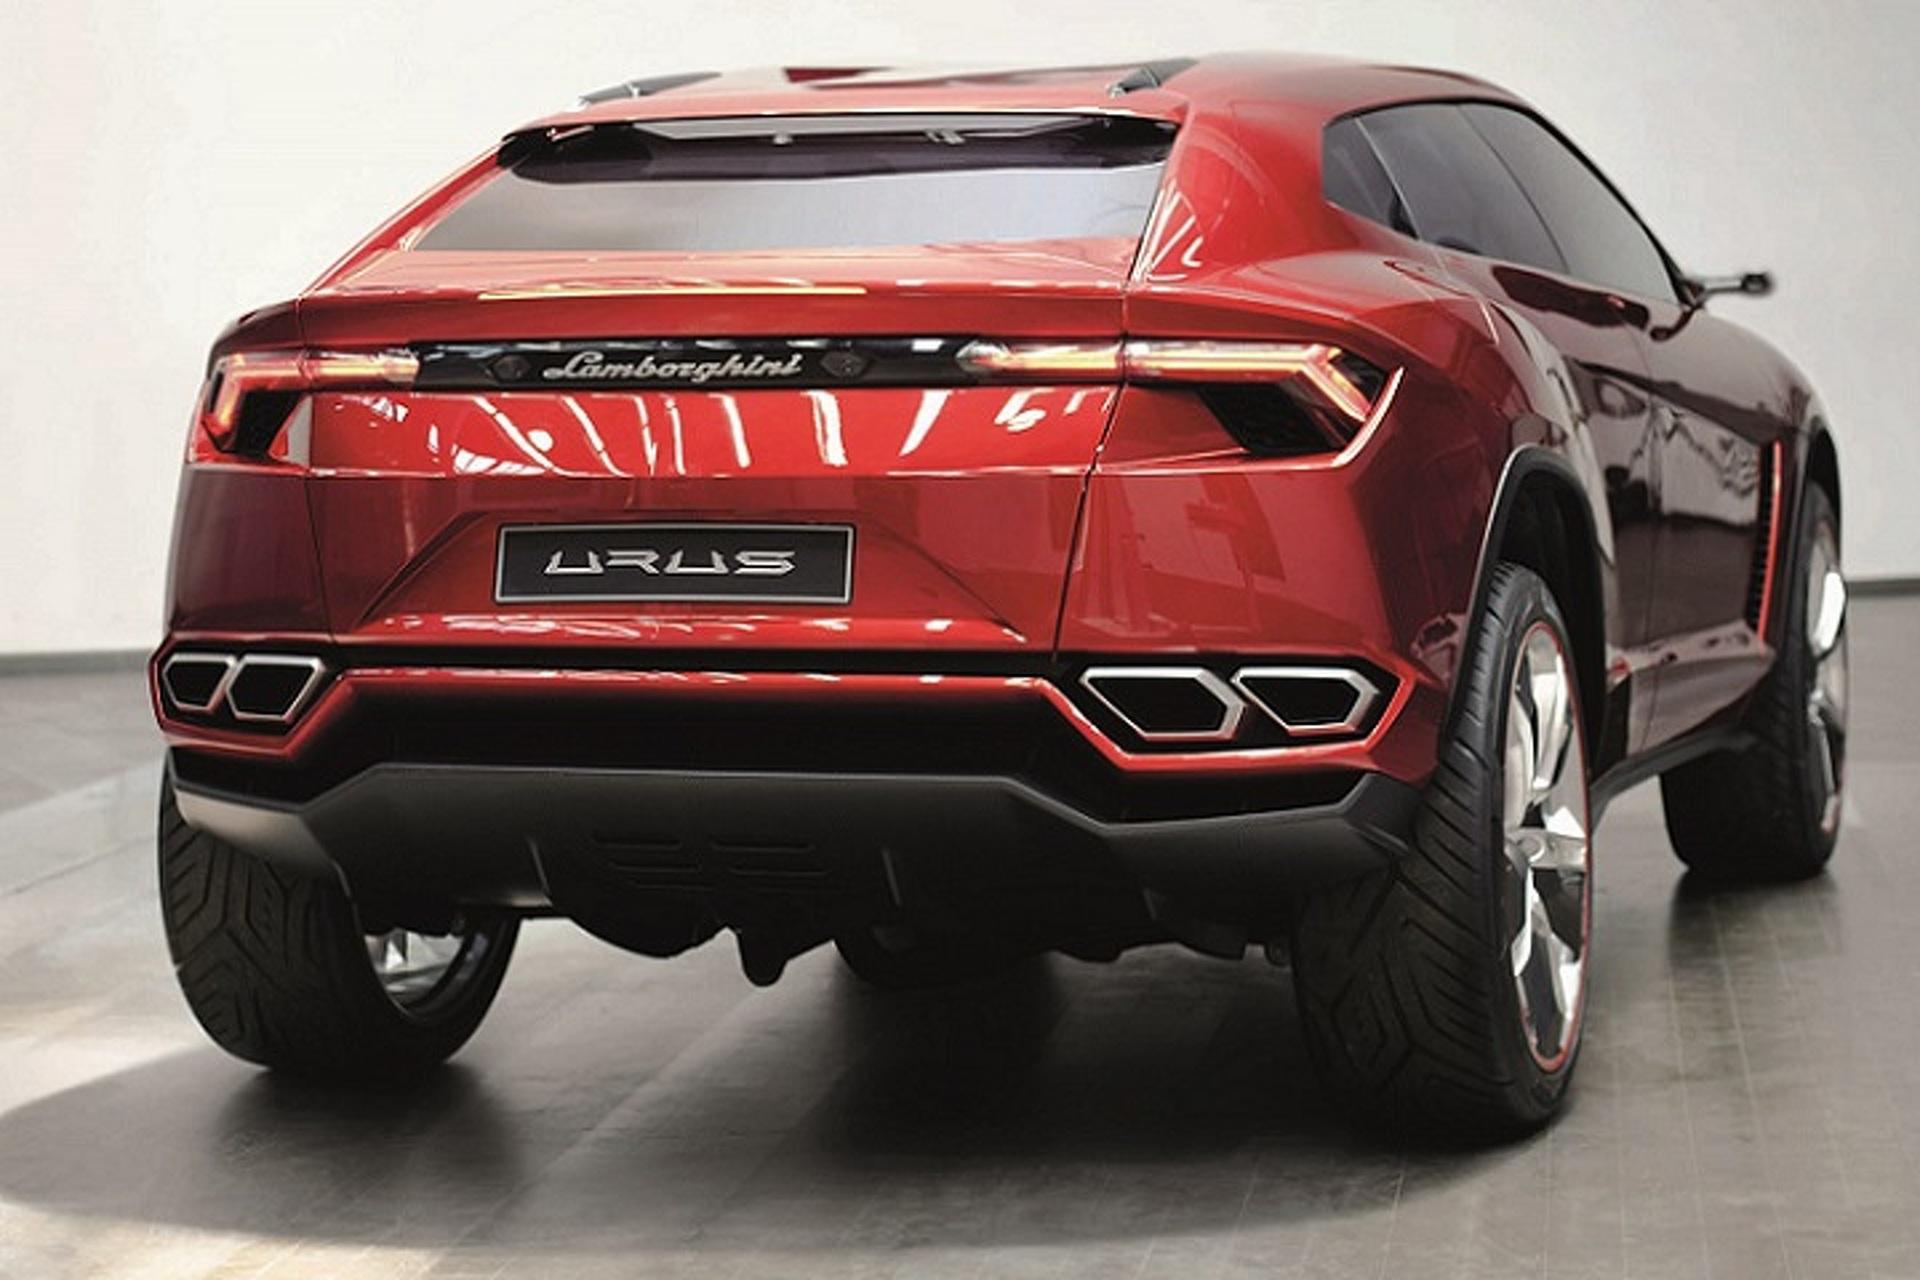 Lamborghini S New Urus Suv Coming In 2018